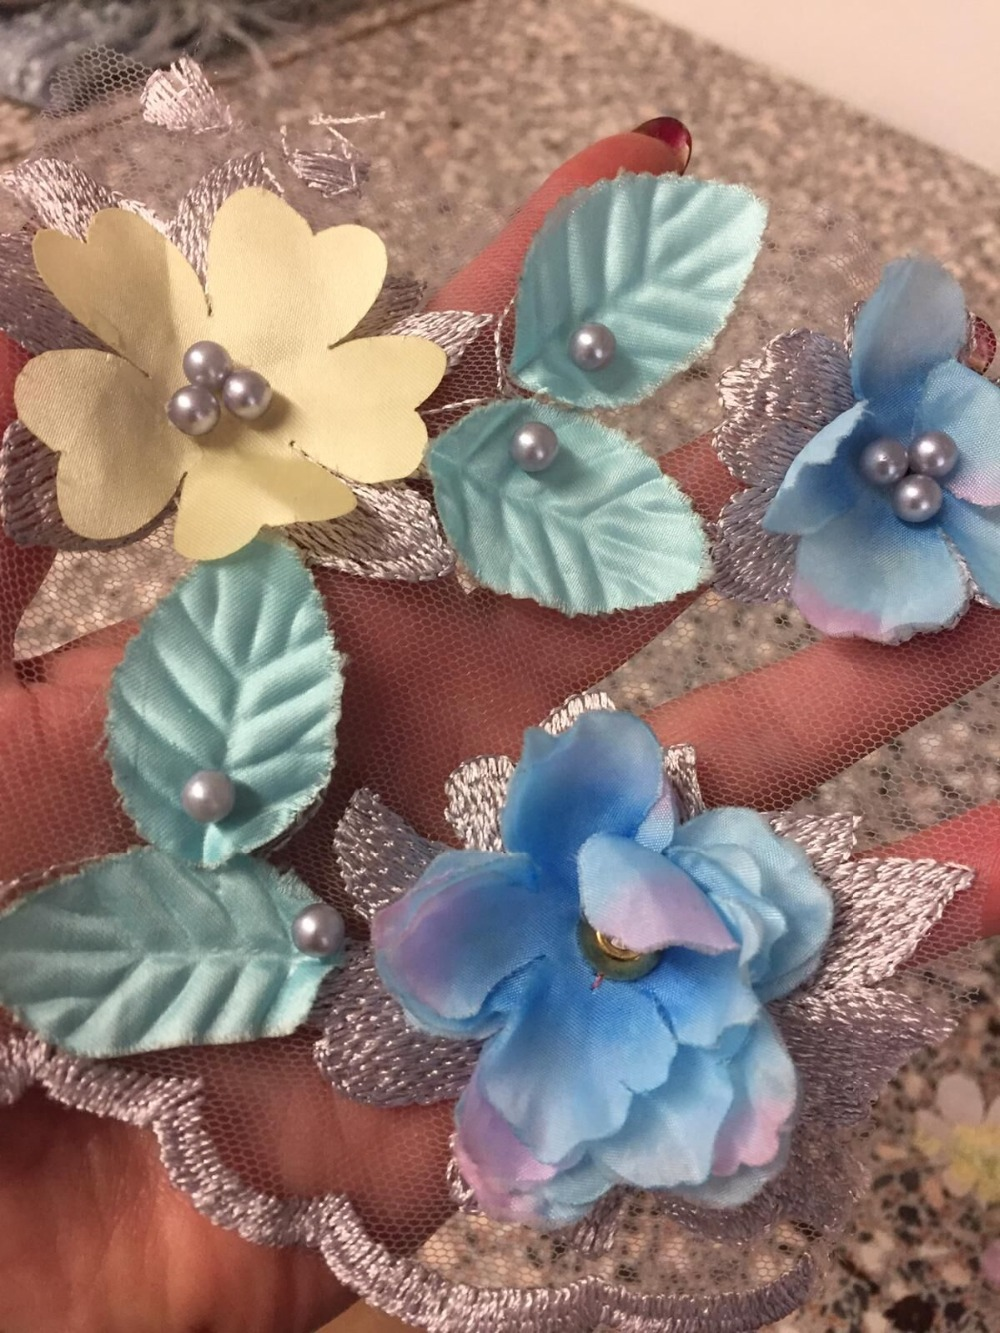 ขาย Top tulle ปักวัสดุ CiCi 6653 ภาษาฝรั่งเศสคำสุทธิผ้าลูกไม้เย็บปักถักร้อยลูกไม้ tulle ผ้าดอกไม้-ใน ลูกไม้ จาก บ้านและสวน บน   2